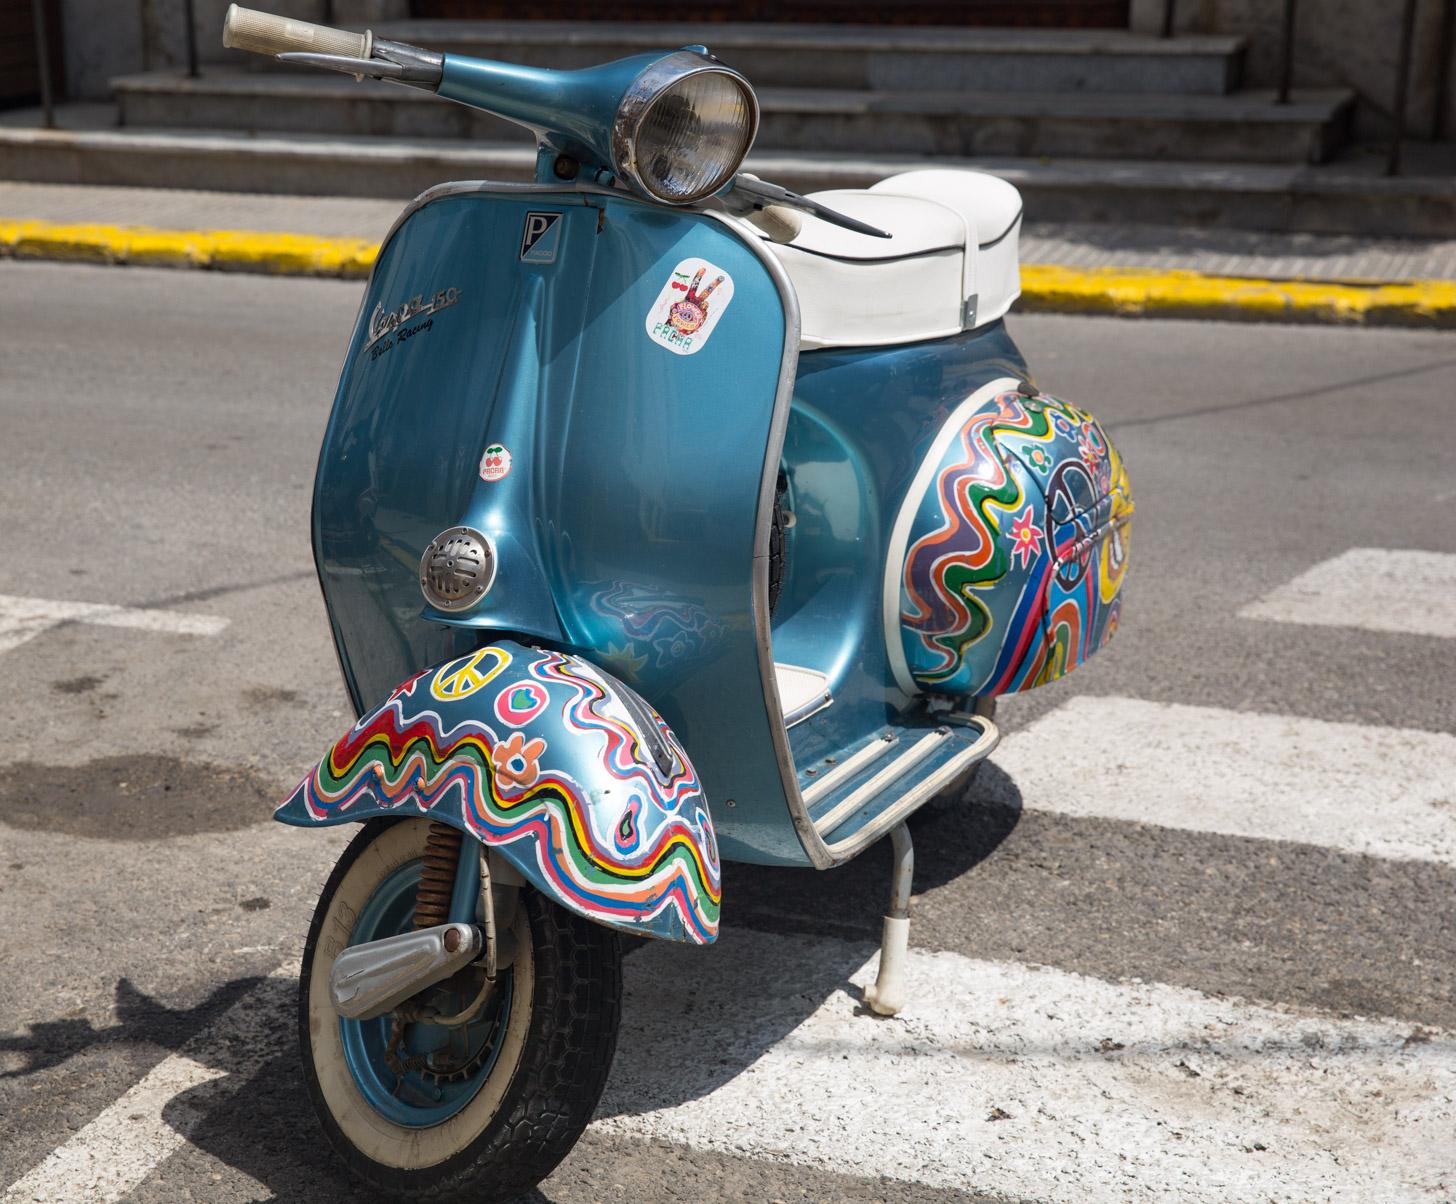 Huur een scooter om Ibiza te verkennen